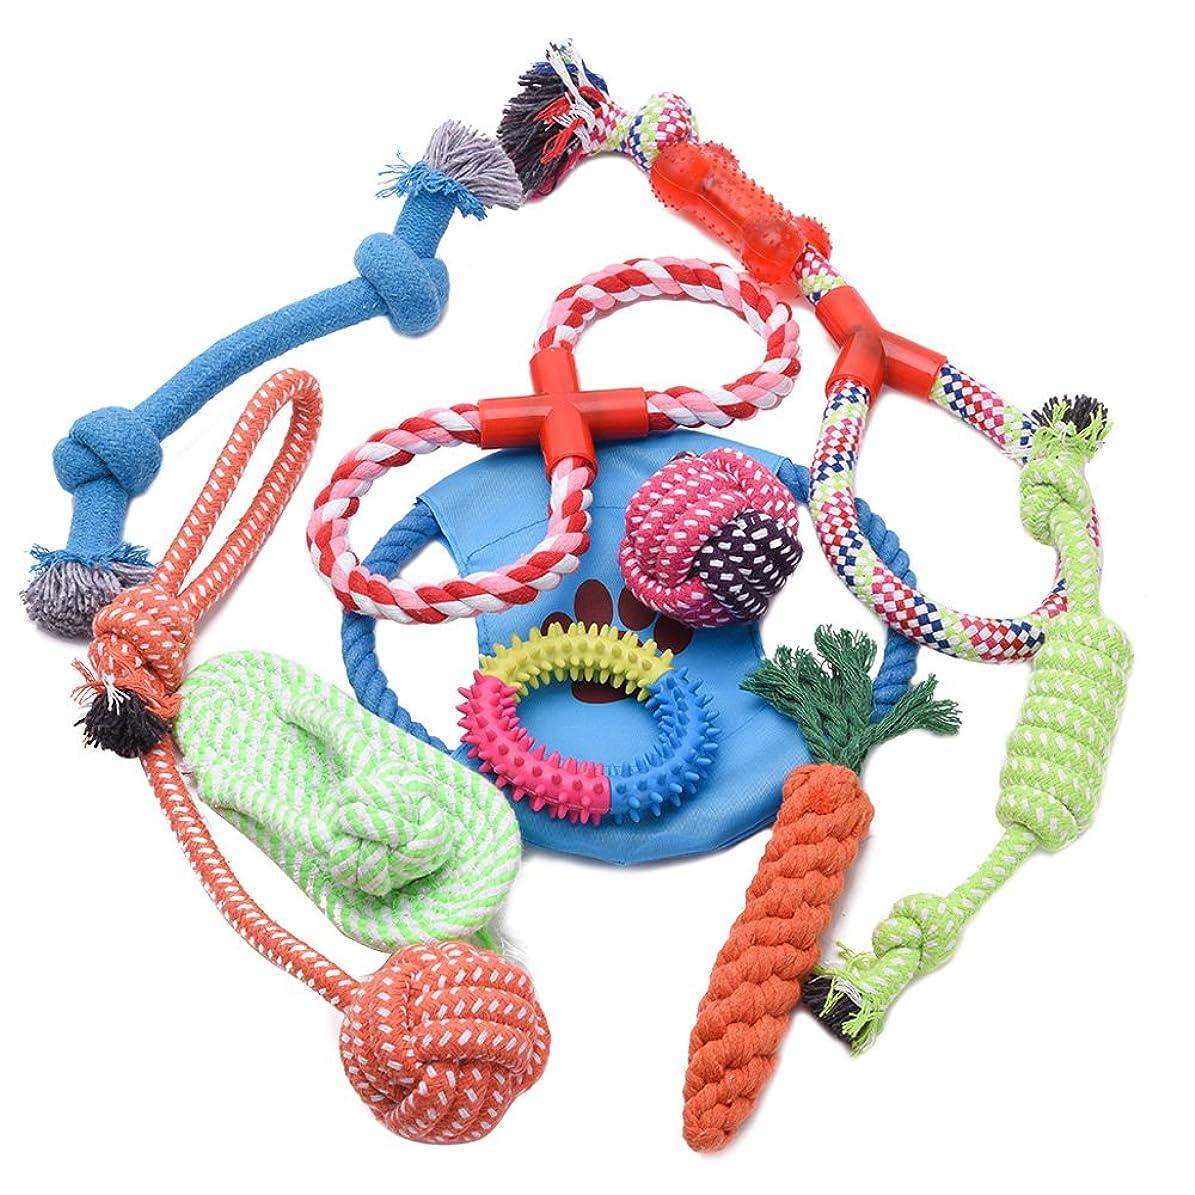 真空意味する浸すWOLFWILL 清潔-10個セット ペットおもちゃ 噛んでも大丈夫 ロープ ぬいぐるみ 玩具 耐久性 安全 歯ぎしり